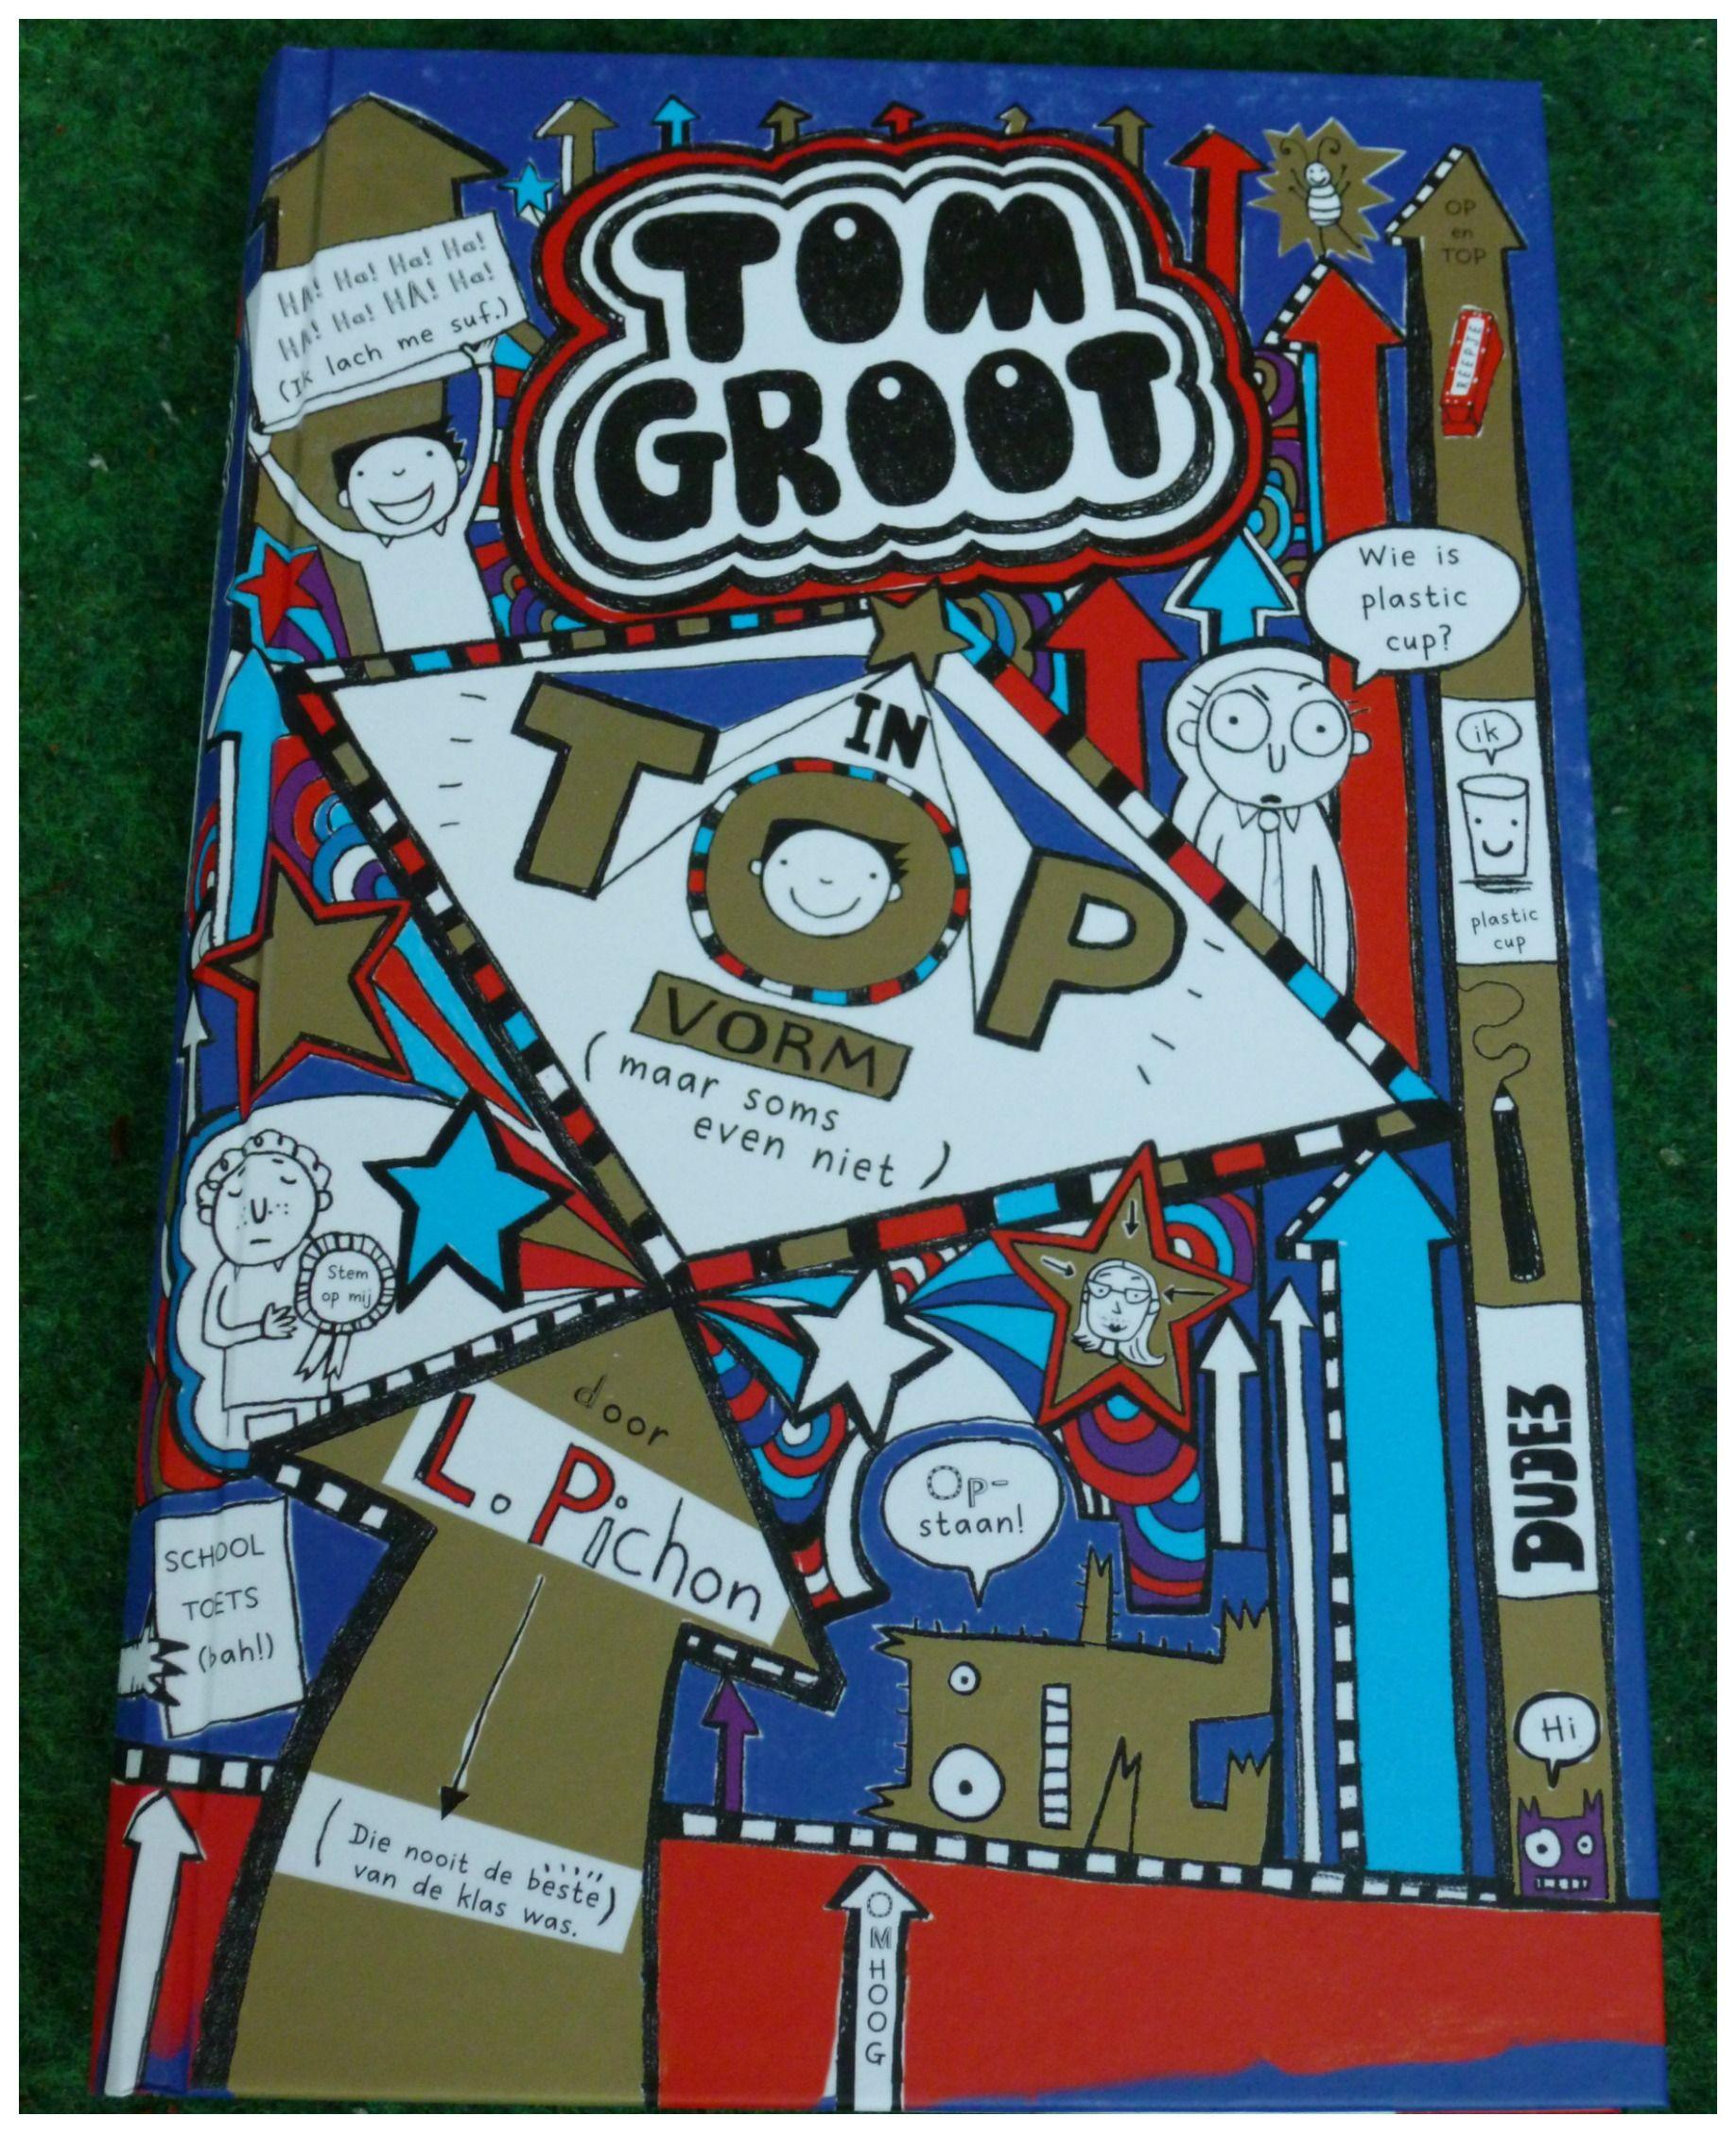 Tom Groot In Topvorm Maar Soms Even Niet Recensie Toms Boeken Lezen Boeken